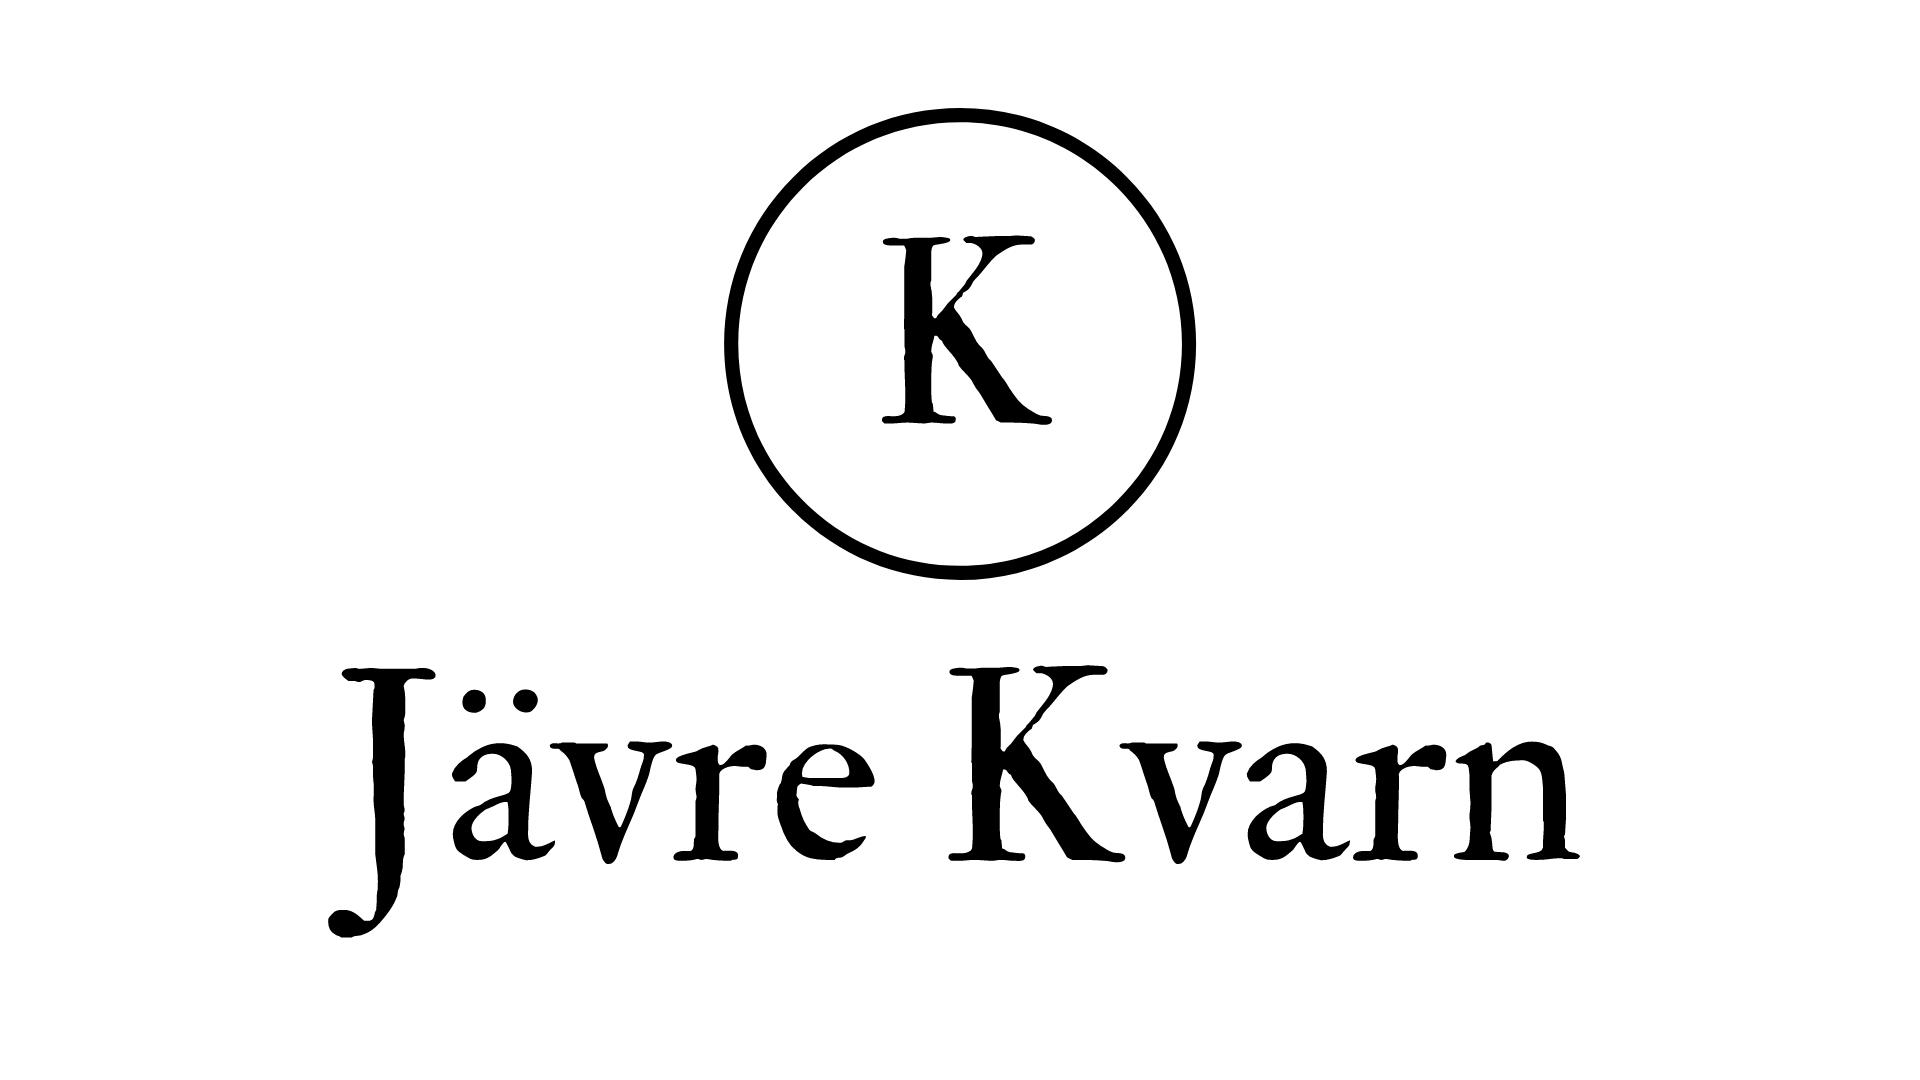 Jävre Kvarn